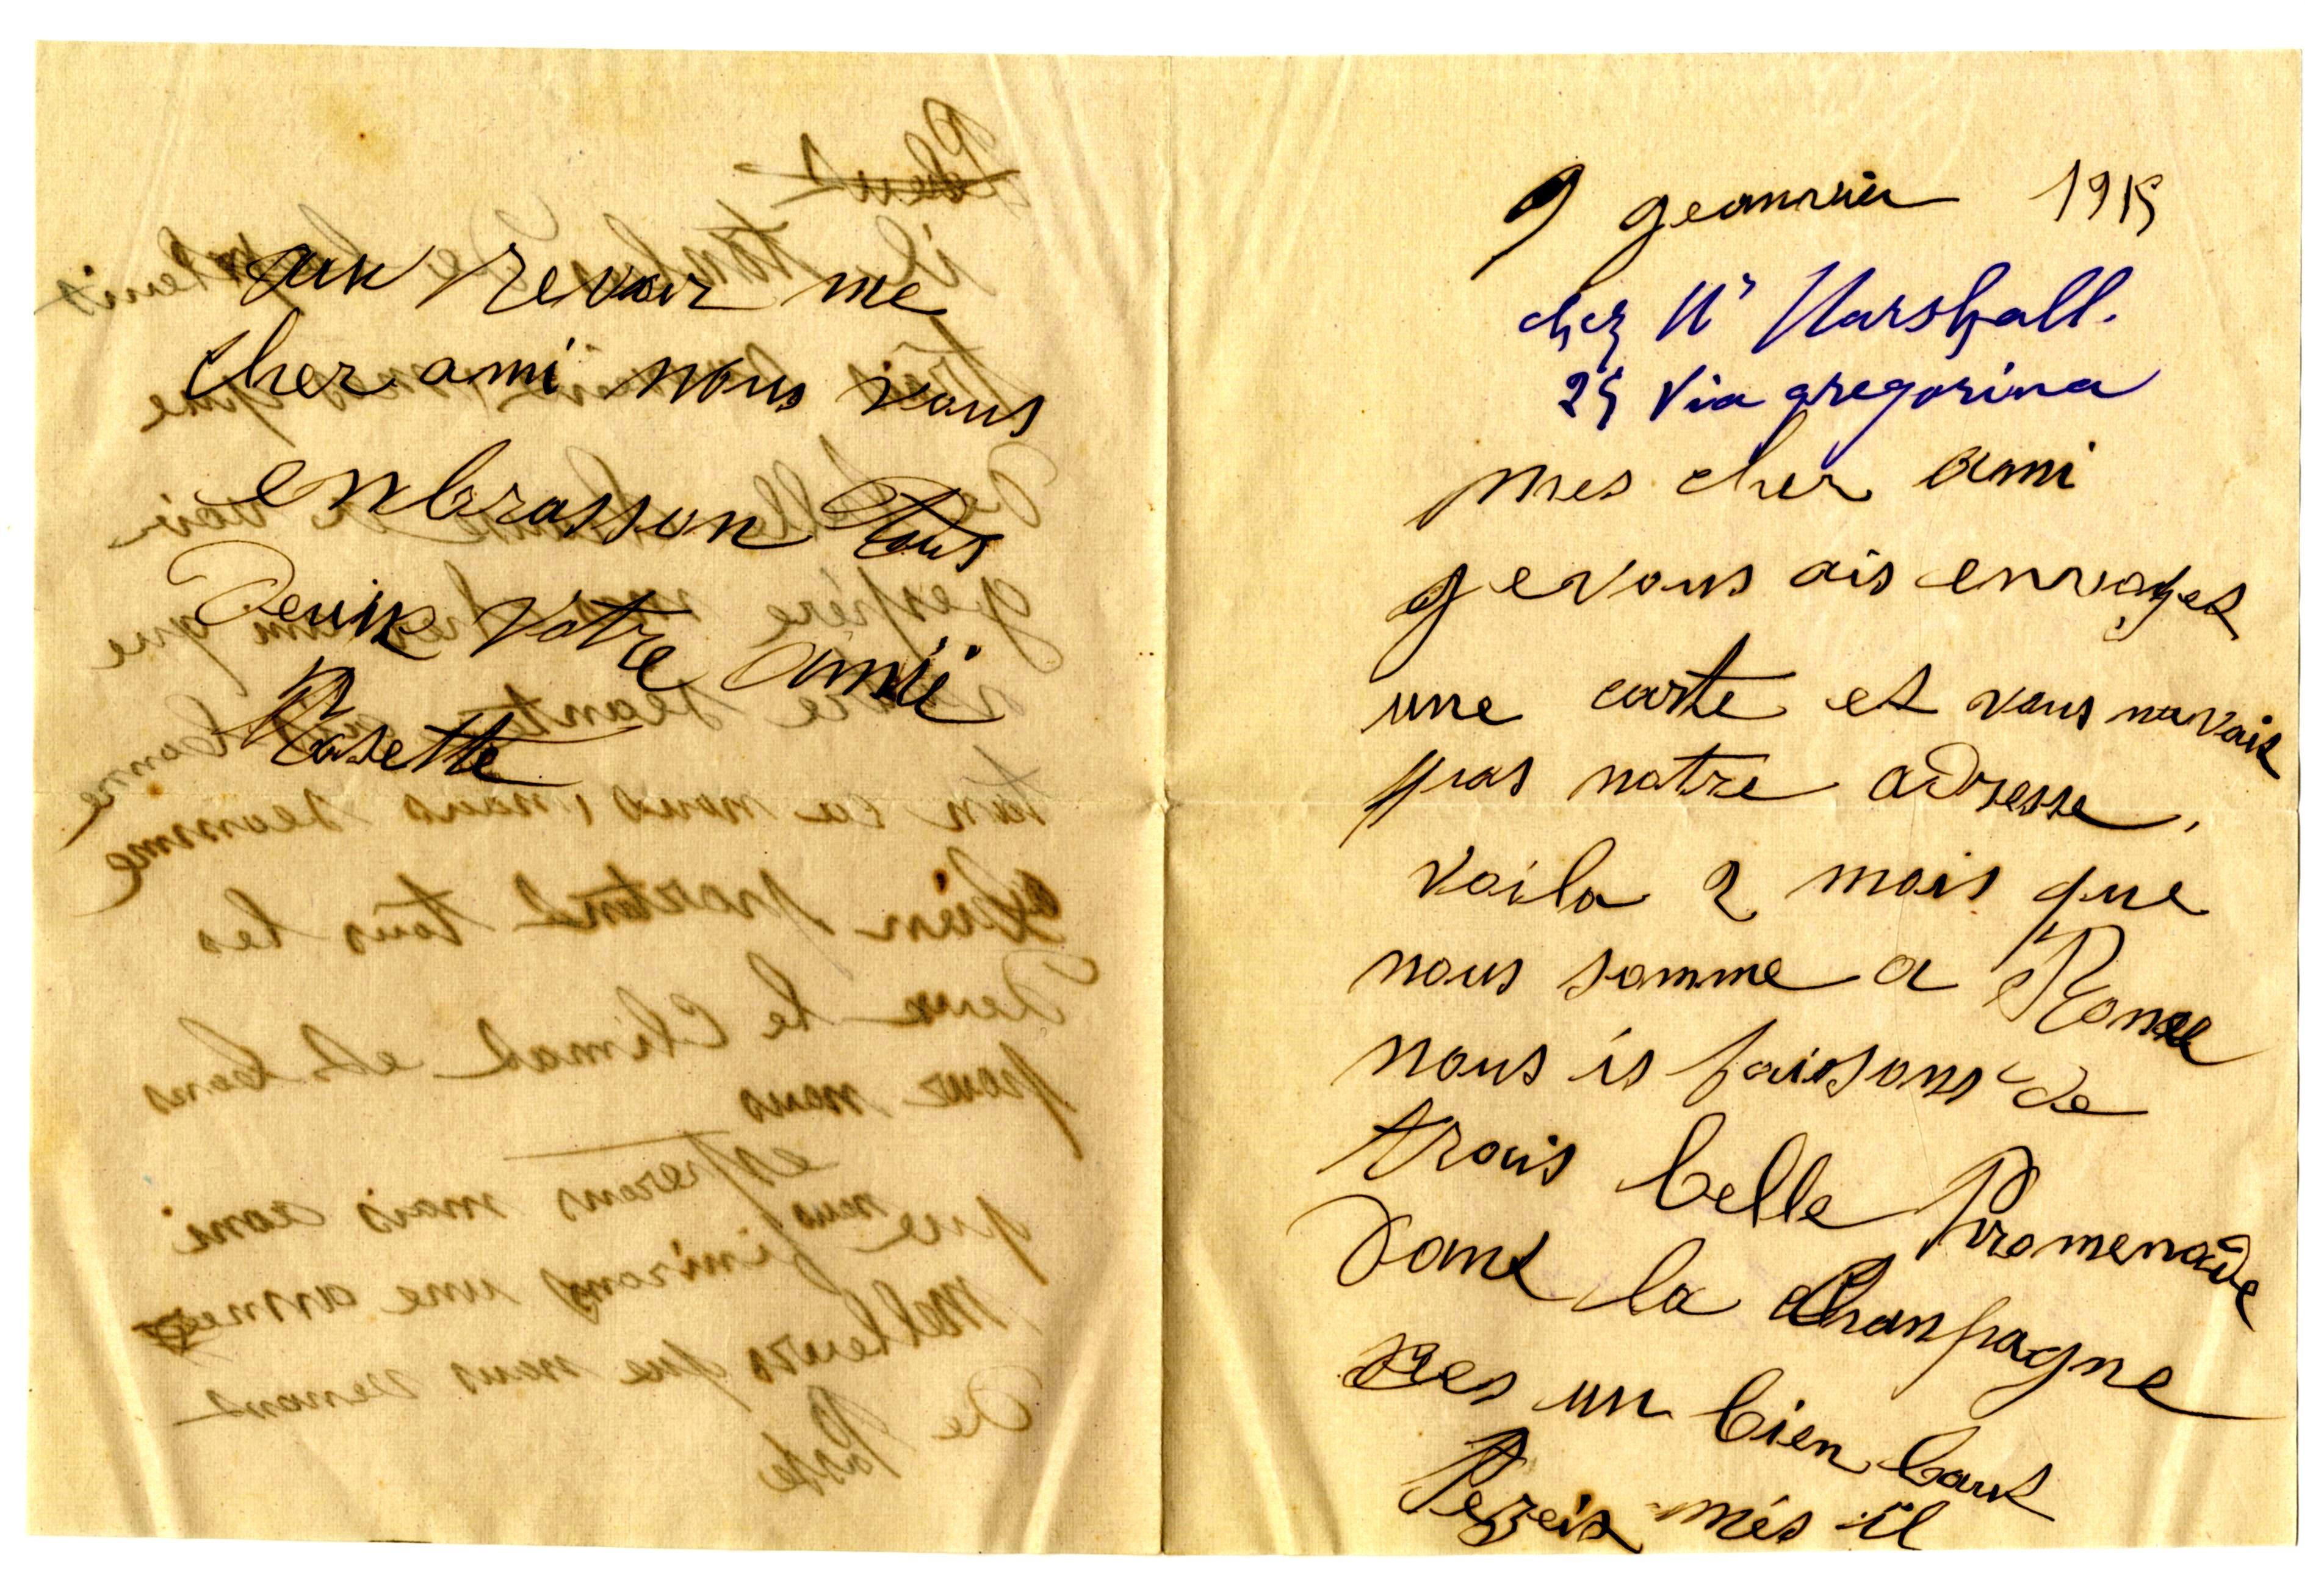 Lettre de Rose du 9 janvier1915 à Vivier. (Collection SHCB).